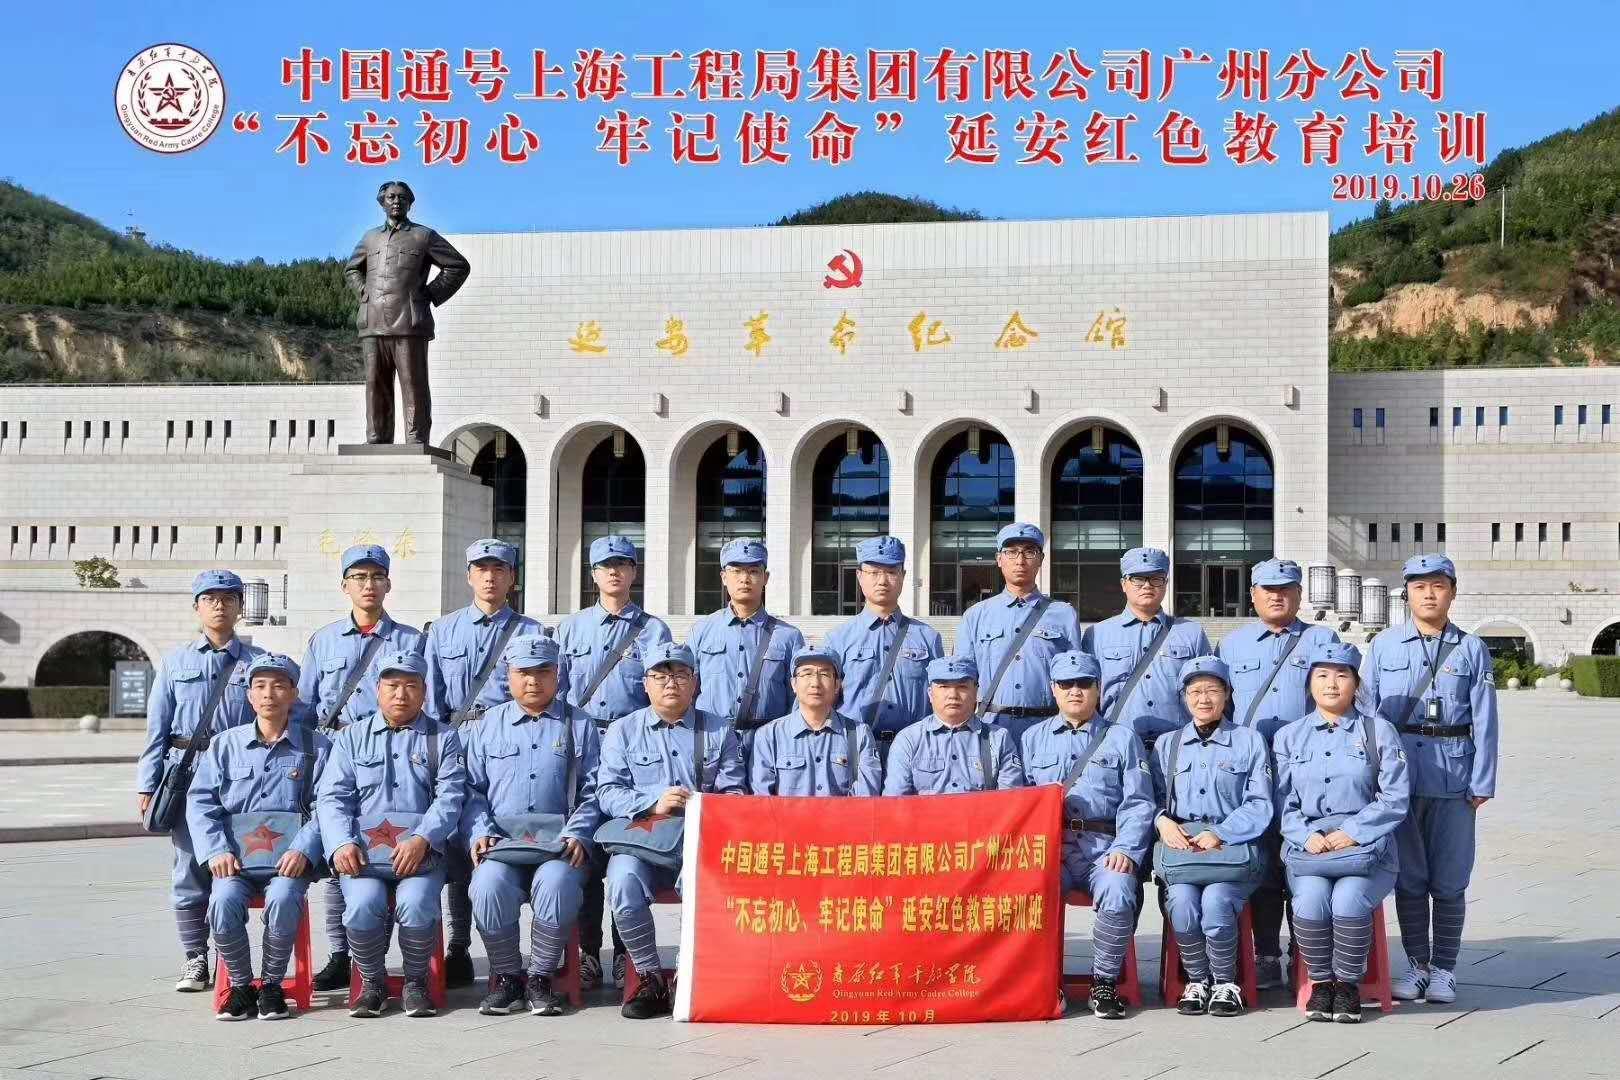 延安红色培训:中国通号上海工程局集团有限公司广州分公司延安红色教育培训班